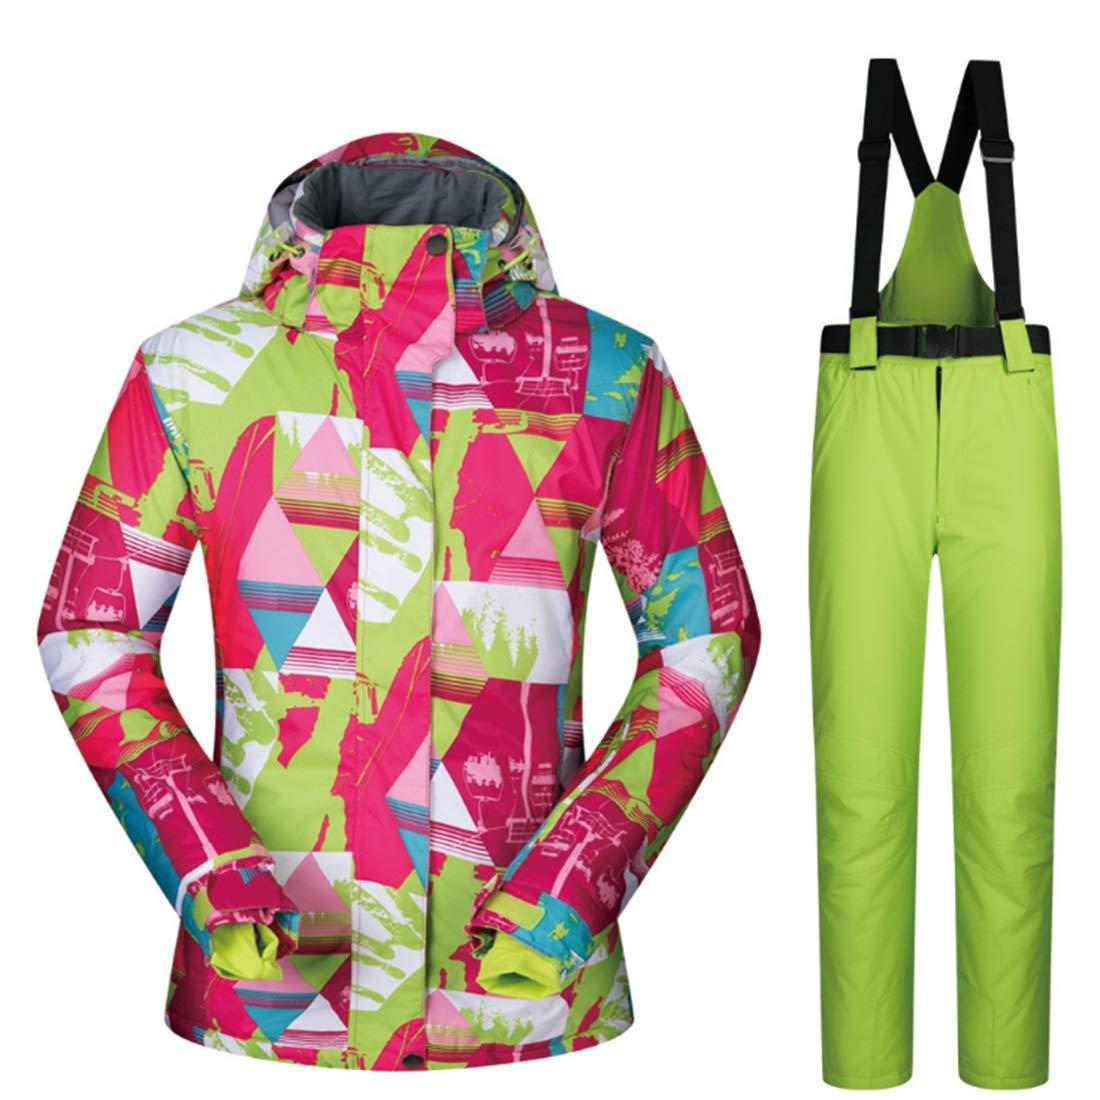 3 XIAMEND Women's Waterproof Ski Jacket Breathable Snowboard Below Zero Coat (color   03, Size   L)